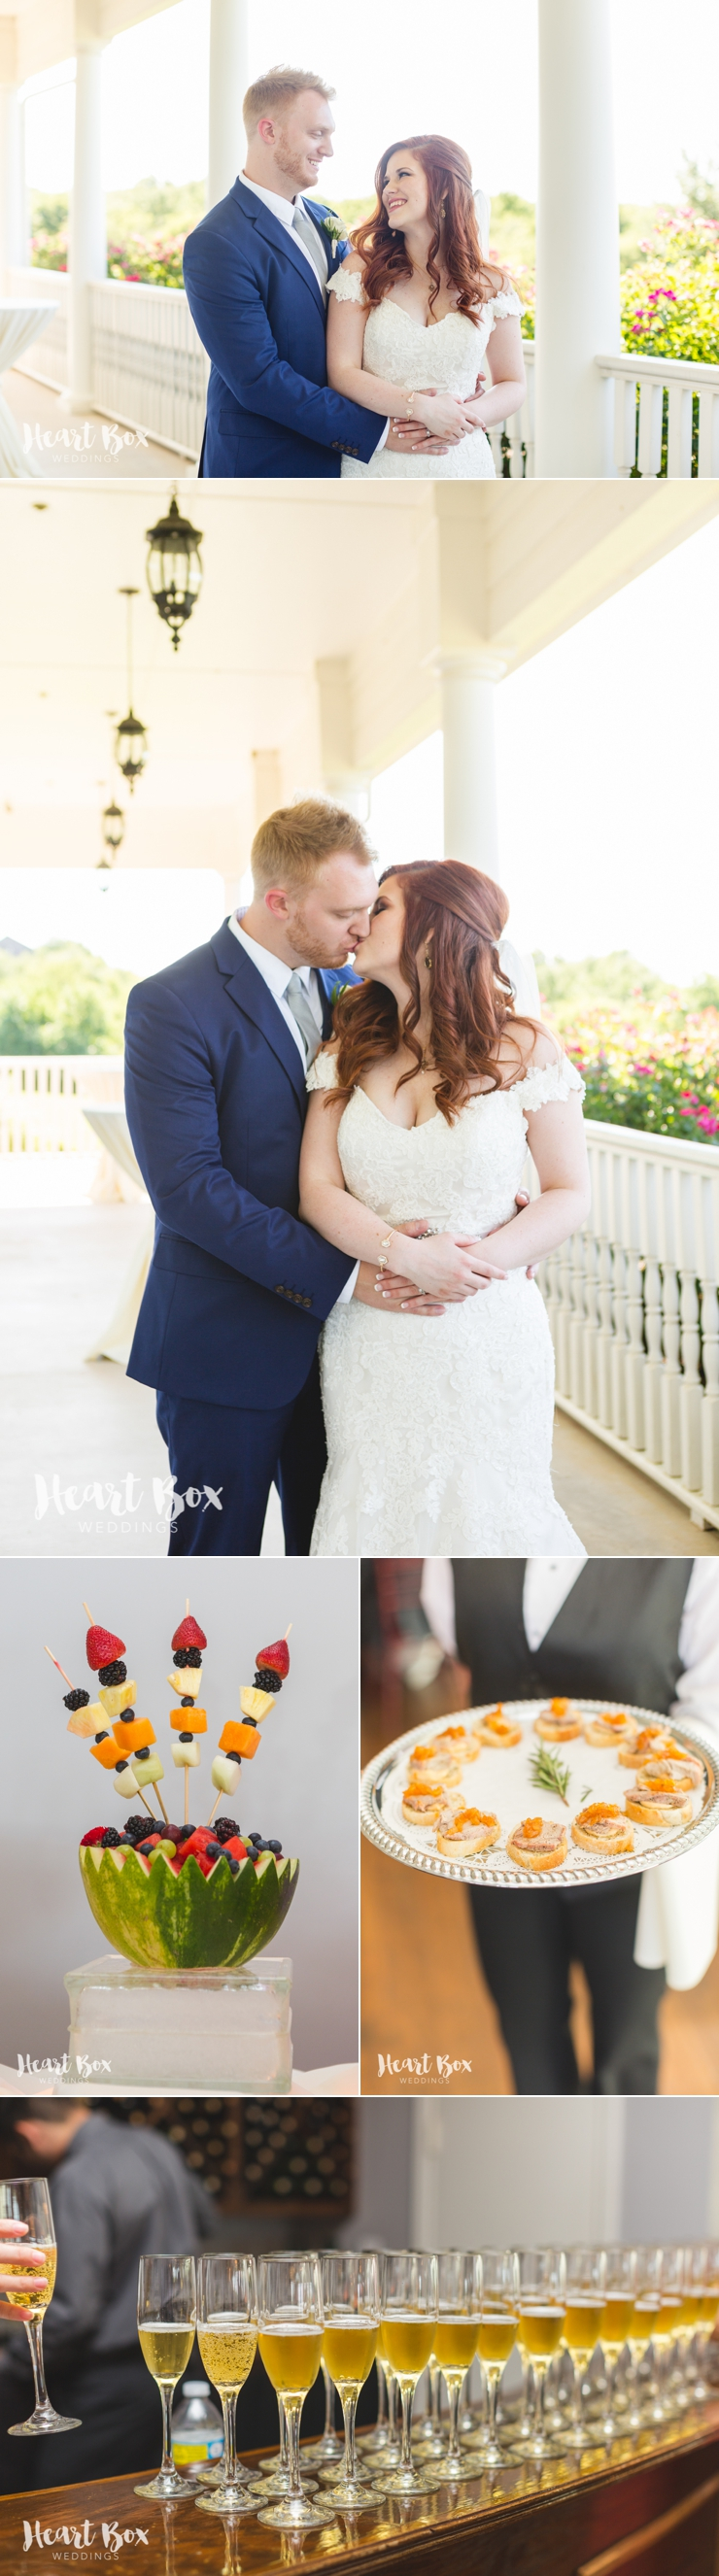 Muprhey Wedding Blog Collages 17.jpg